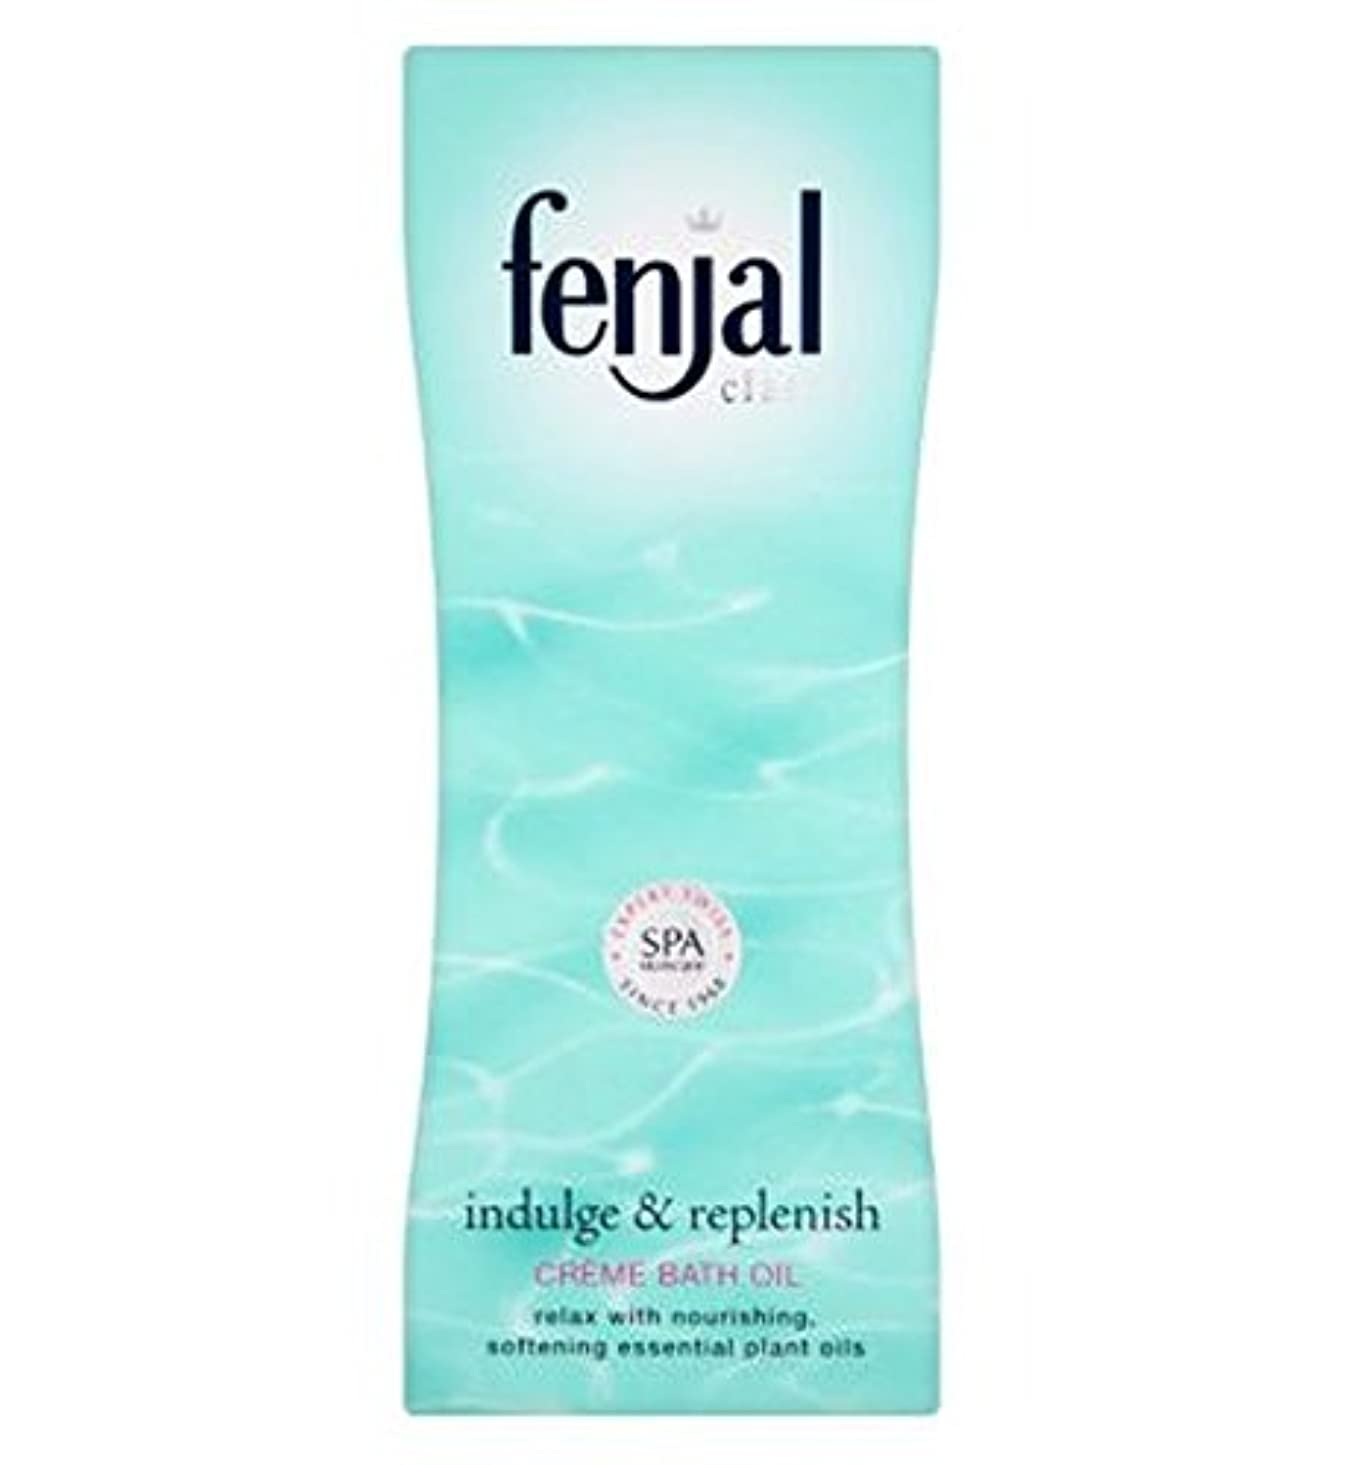 順番高潔な東部Fenjal古典的な高級クリームバスオイル (Fenjal) (x2) - Fenjal Classic Luxury Creme Bath Oil (Pack of 2) [並行輸入品]